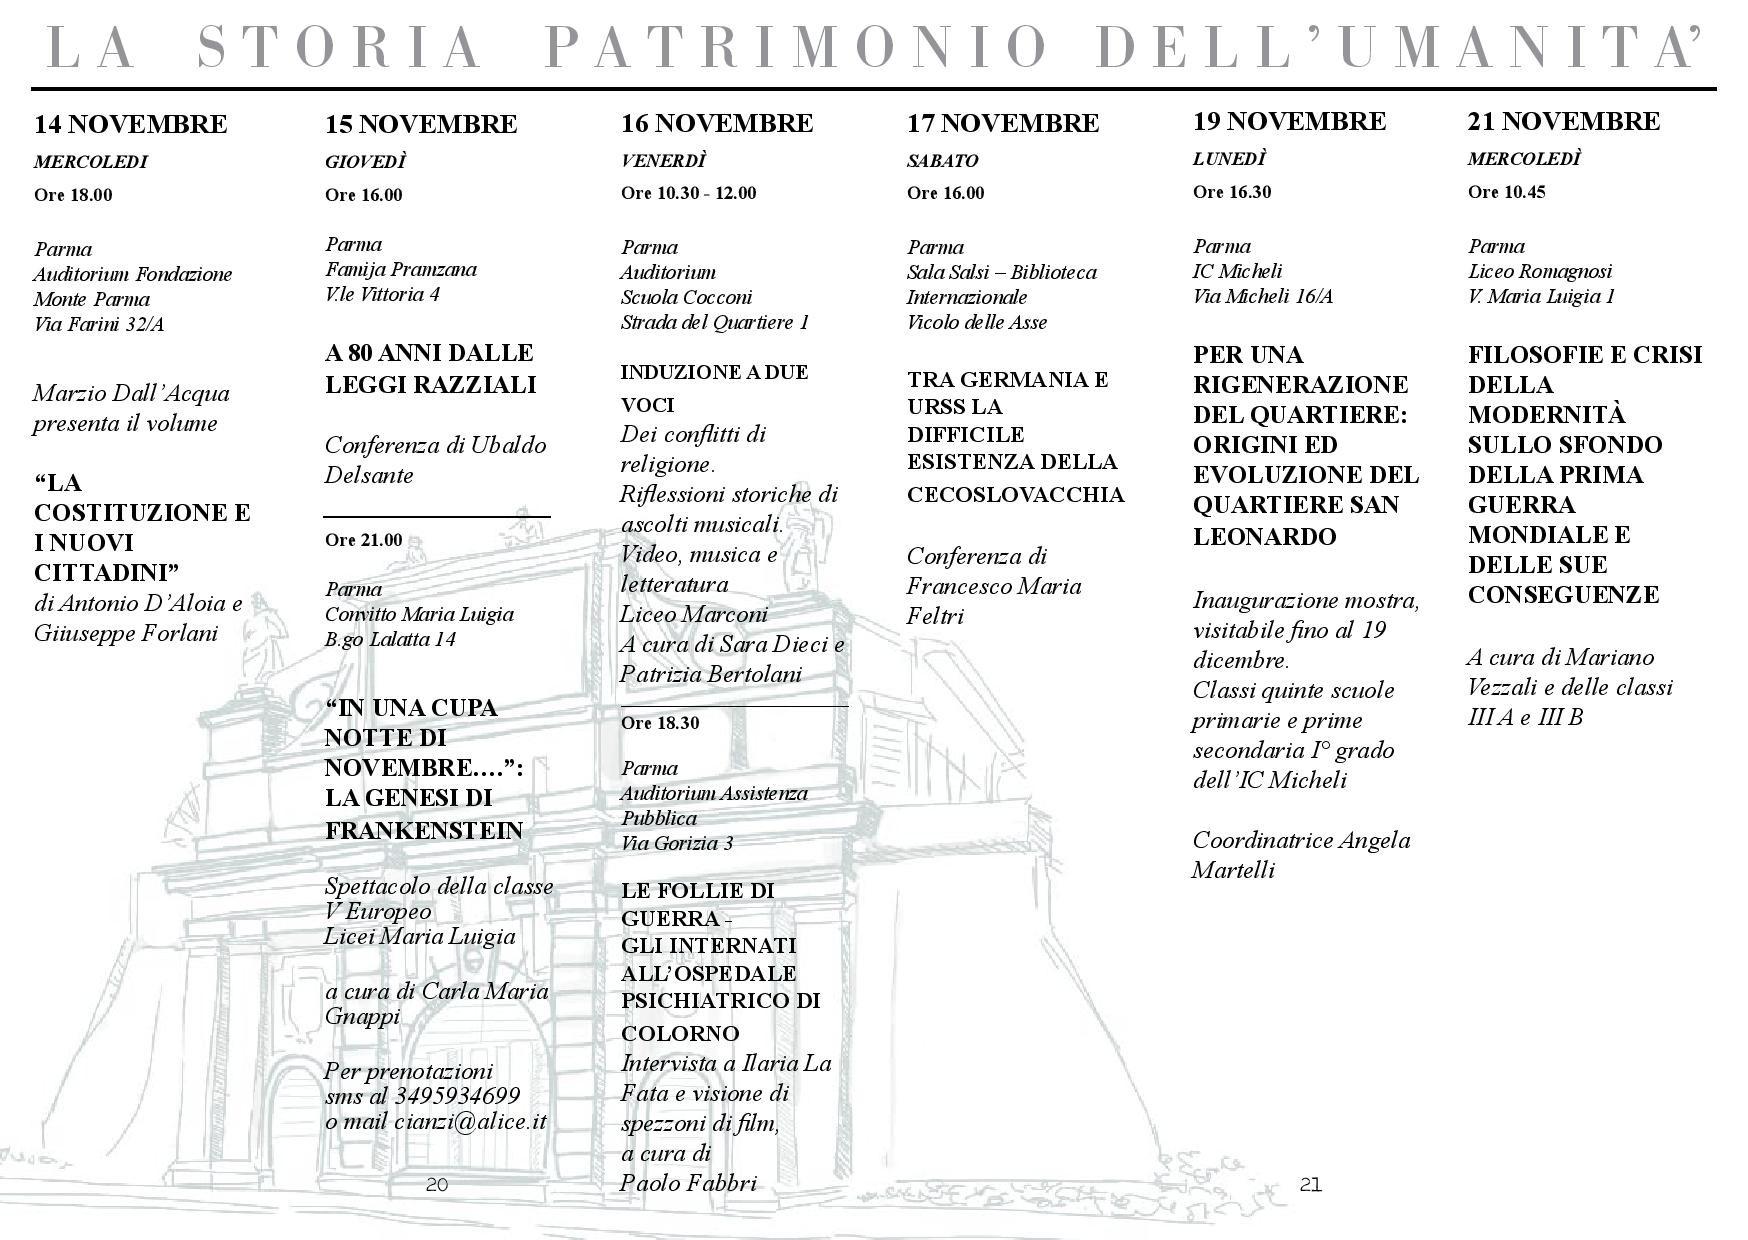 Festa Internazionale della Storia-Parma: programma dal 14 al 21 novembre